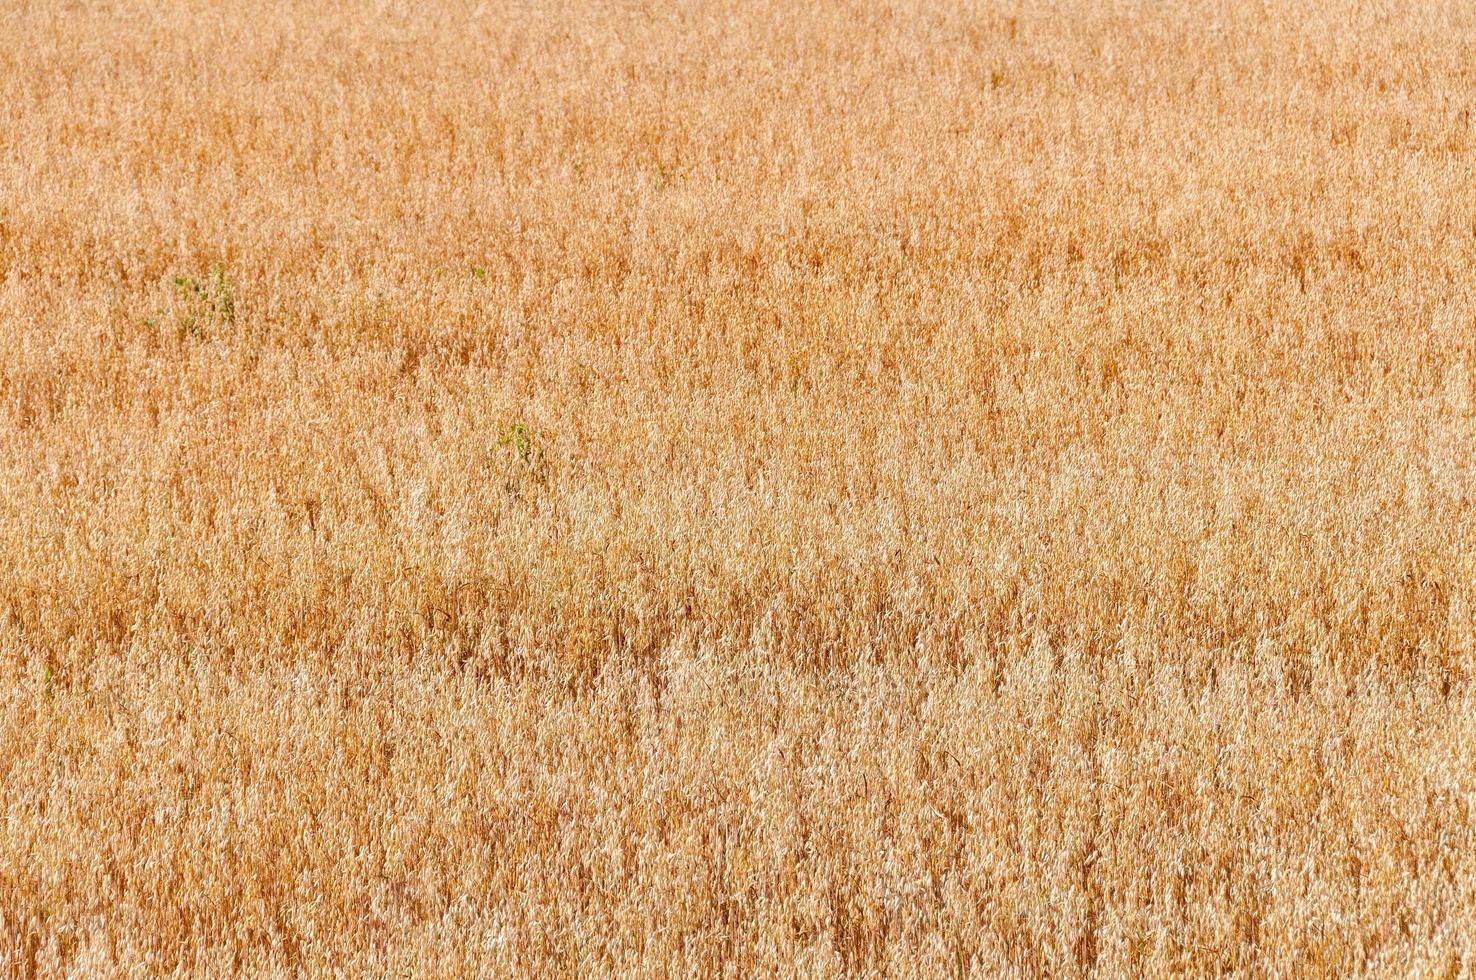 Orejas de avena madura dorada en campo agrícola listo para cosechar foto